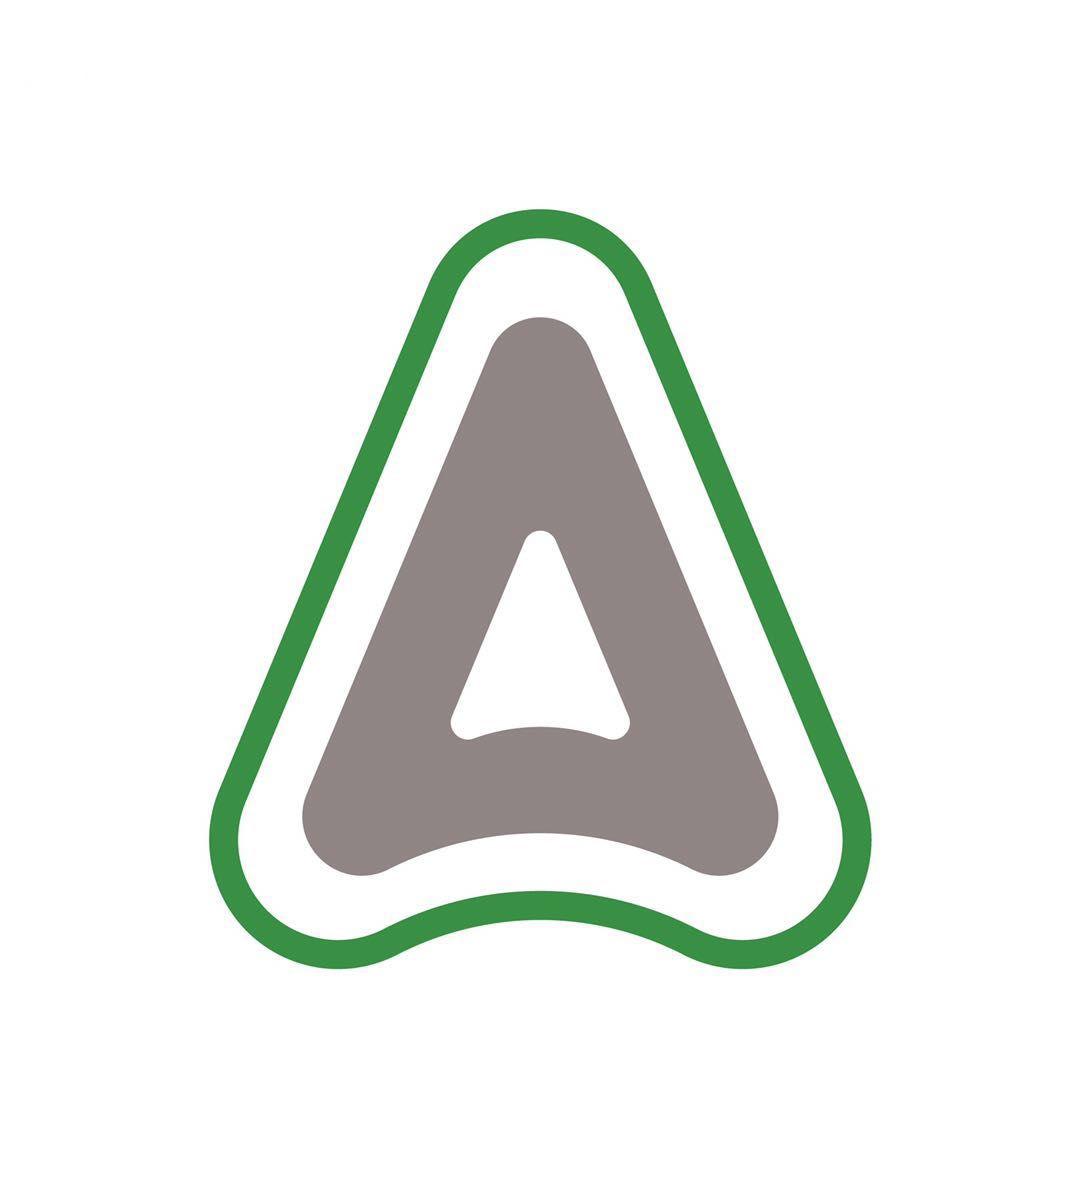 logo logo 标志 设计 矢量 矢量图 素材 图标 1080_1178